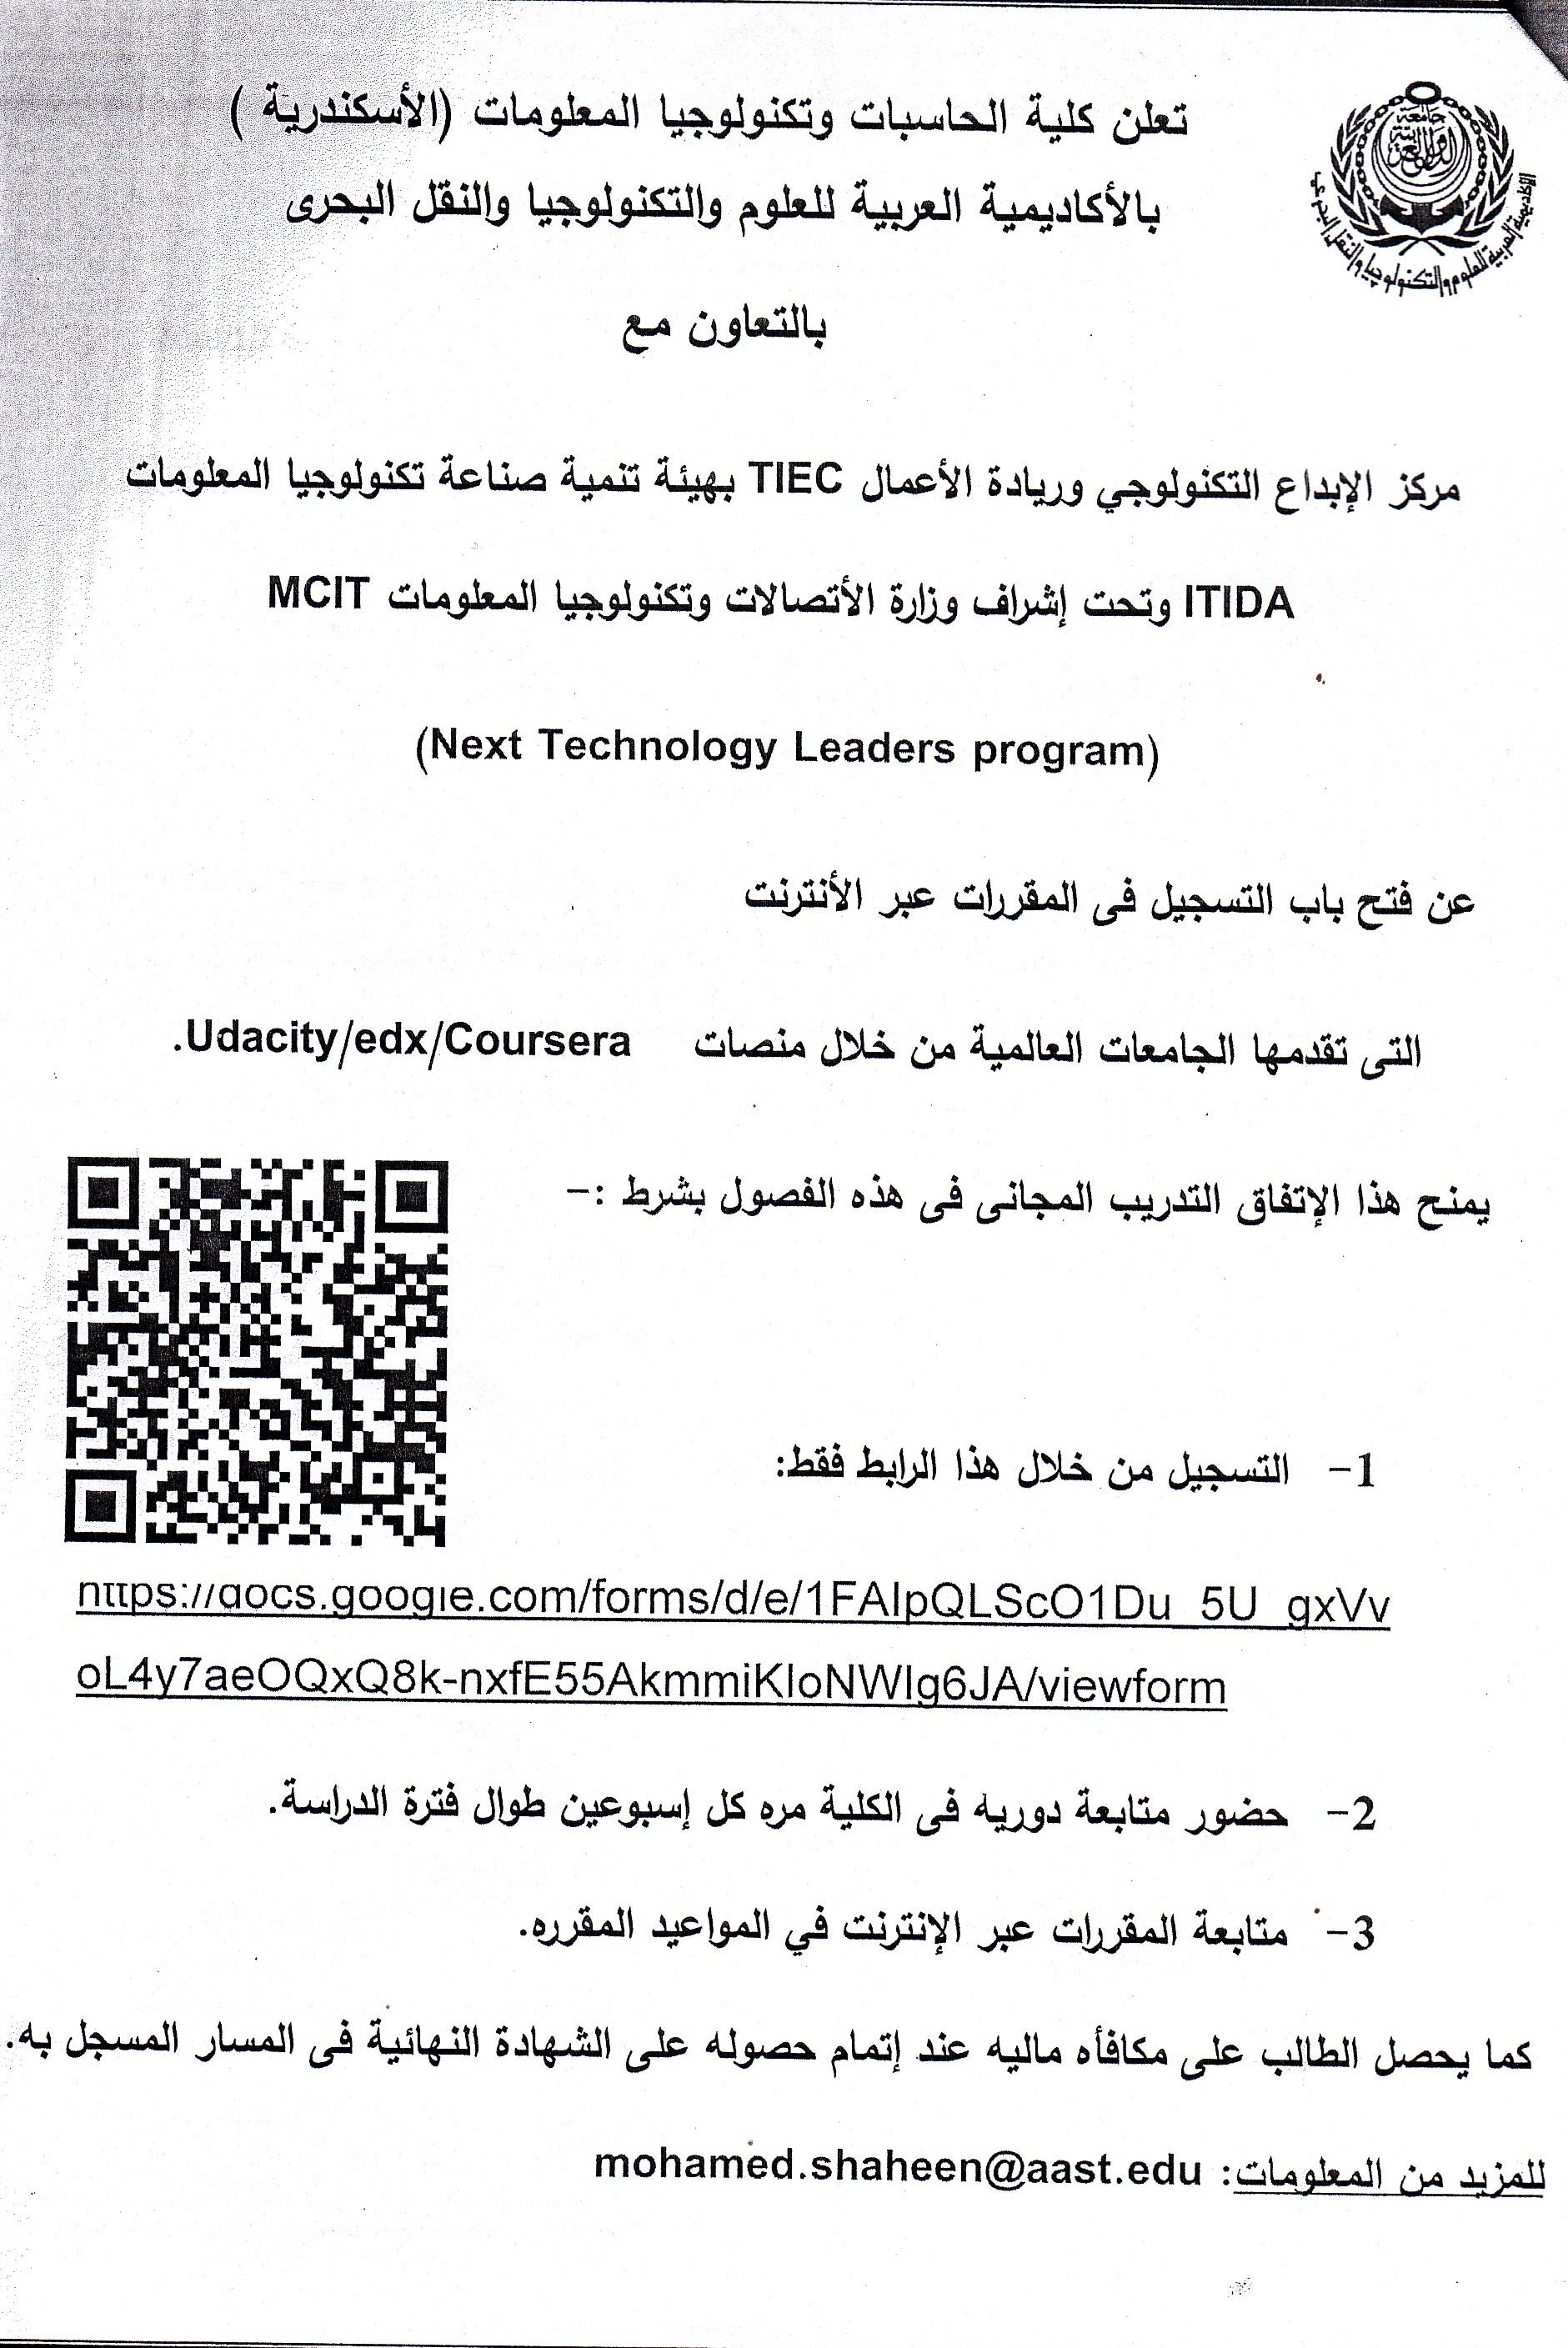 كلية العلوم - جامعة الاسكندرية